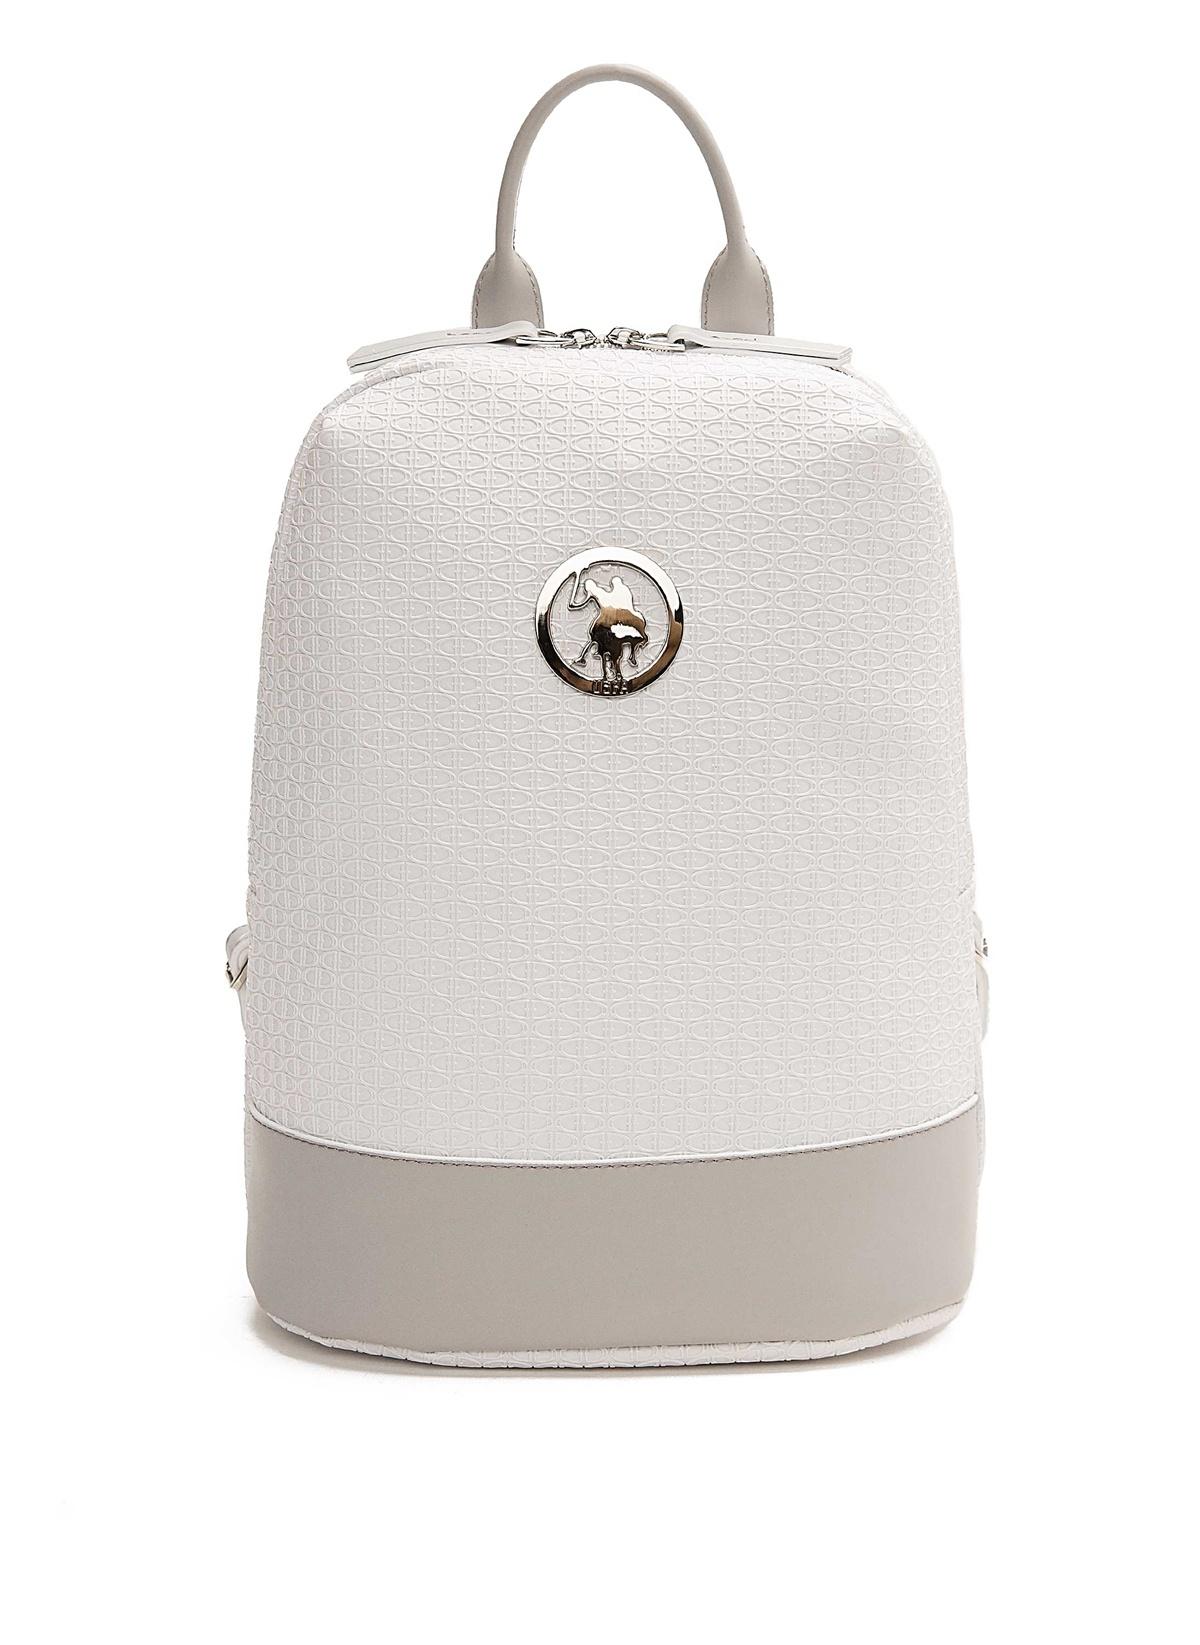 0e76eee033b23 U.S. Polo Assn. Kadın Sırt Çantası Beyaz | Morhipo | 23101575